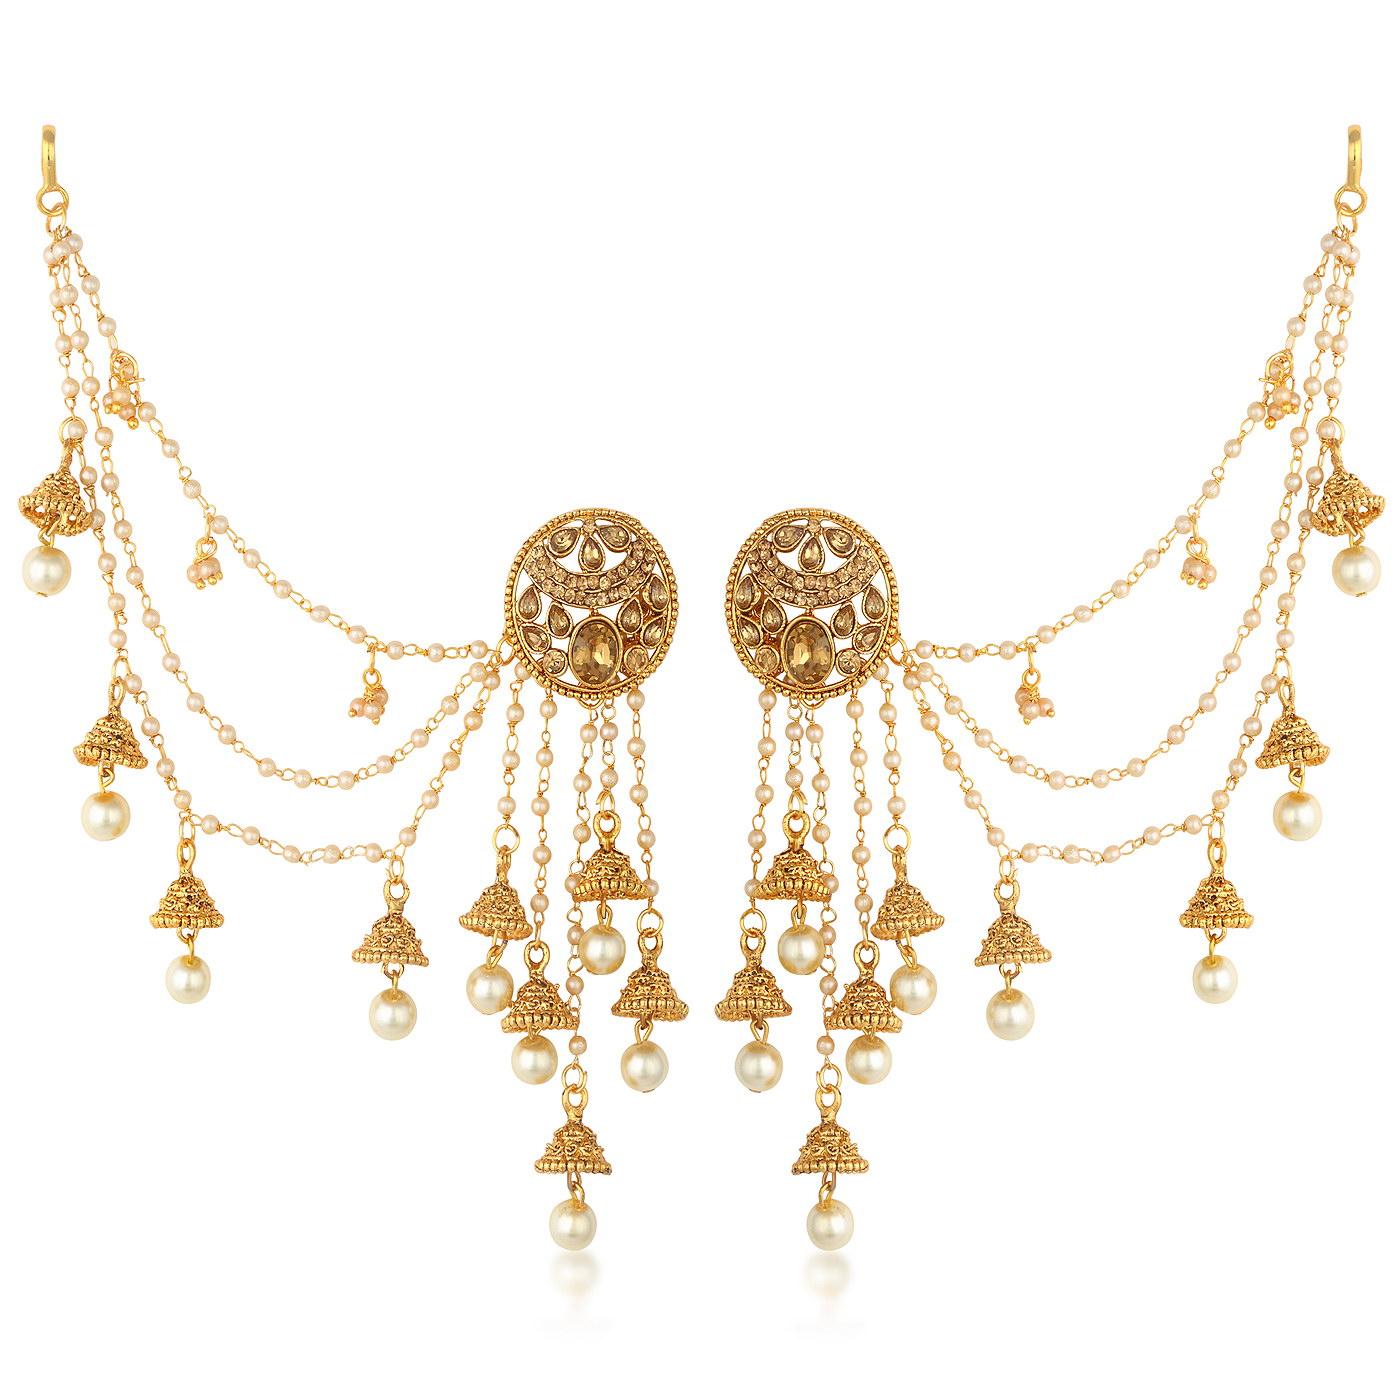 SUKKHI   Sukkhi Delightful Gold Plated Bahubali Inspired Long Chain Jhumki Earrings For Women